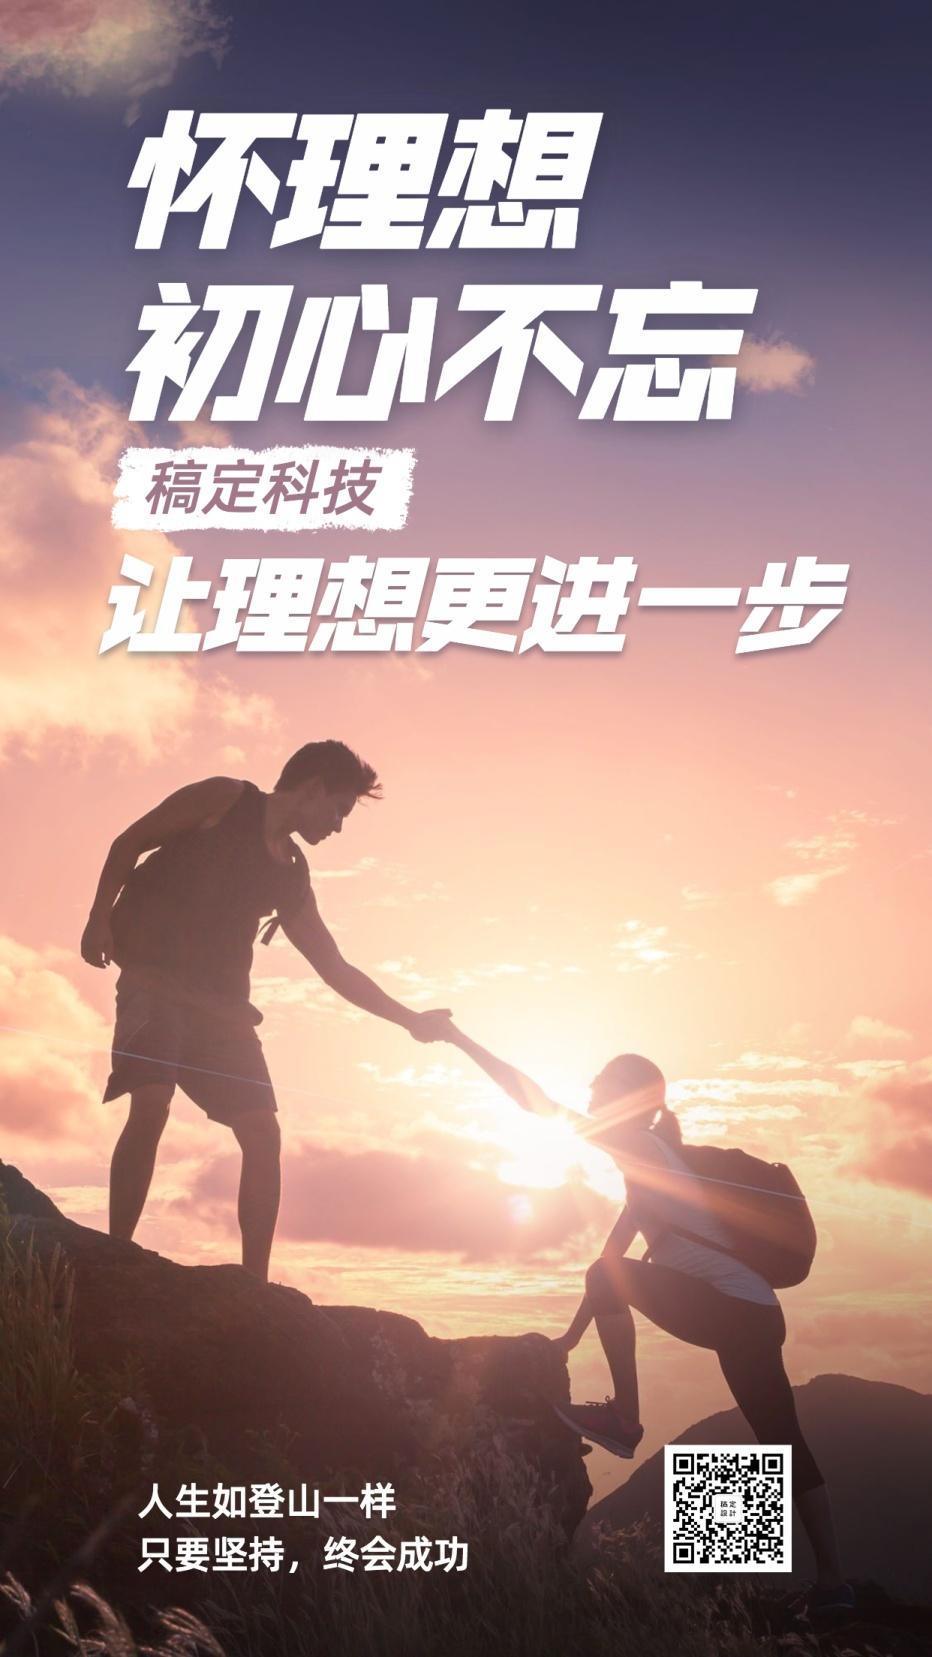 企业文化/实景/励志/手机海报